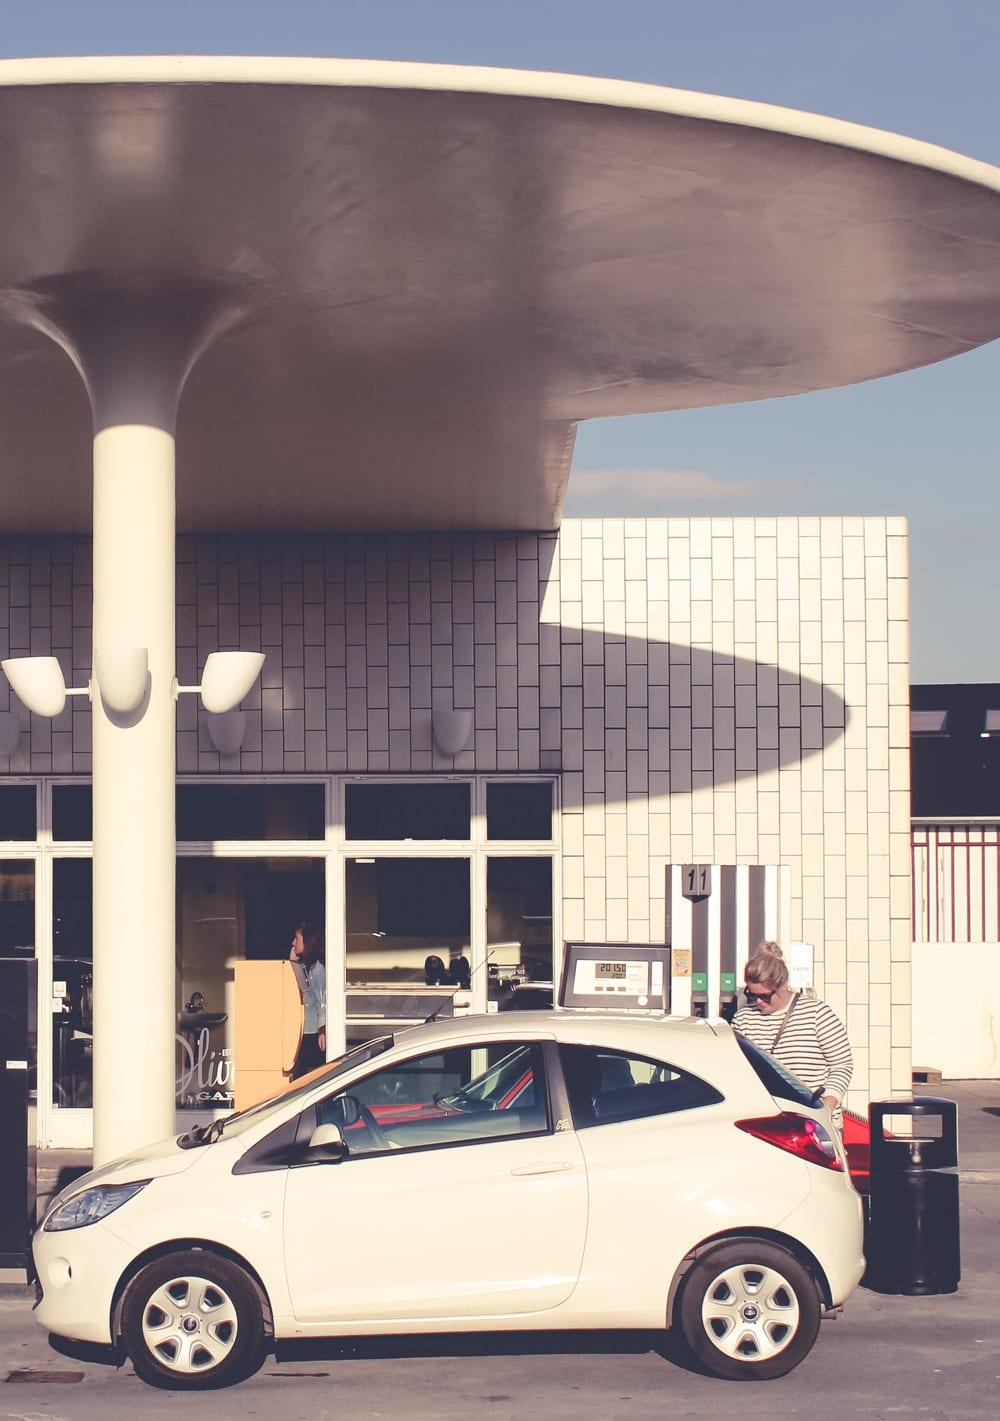 arne-jacobsen-tankstation-fdm-1-of-1